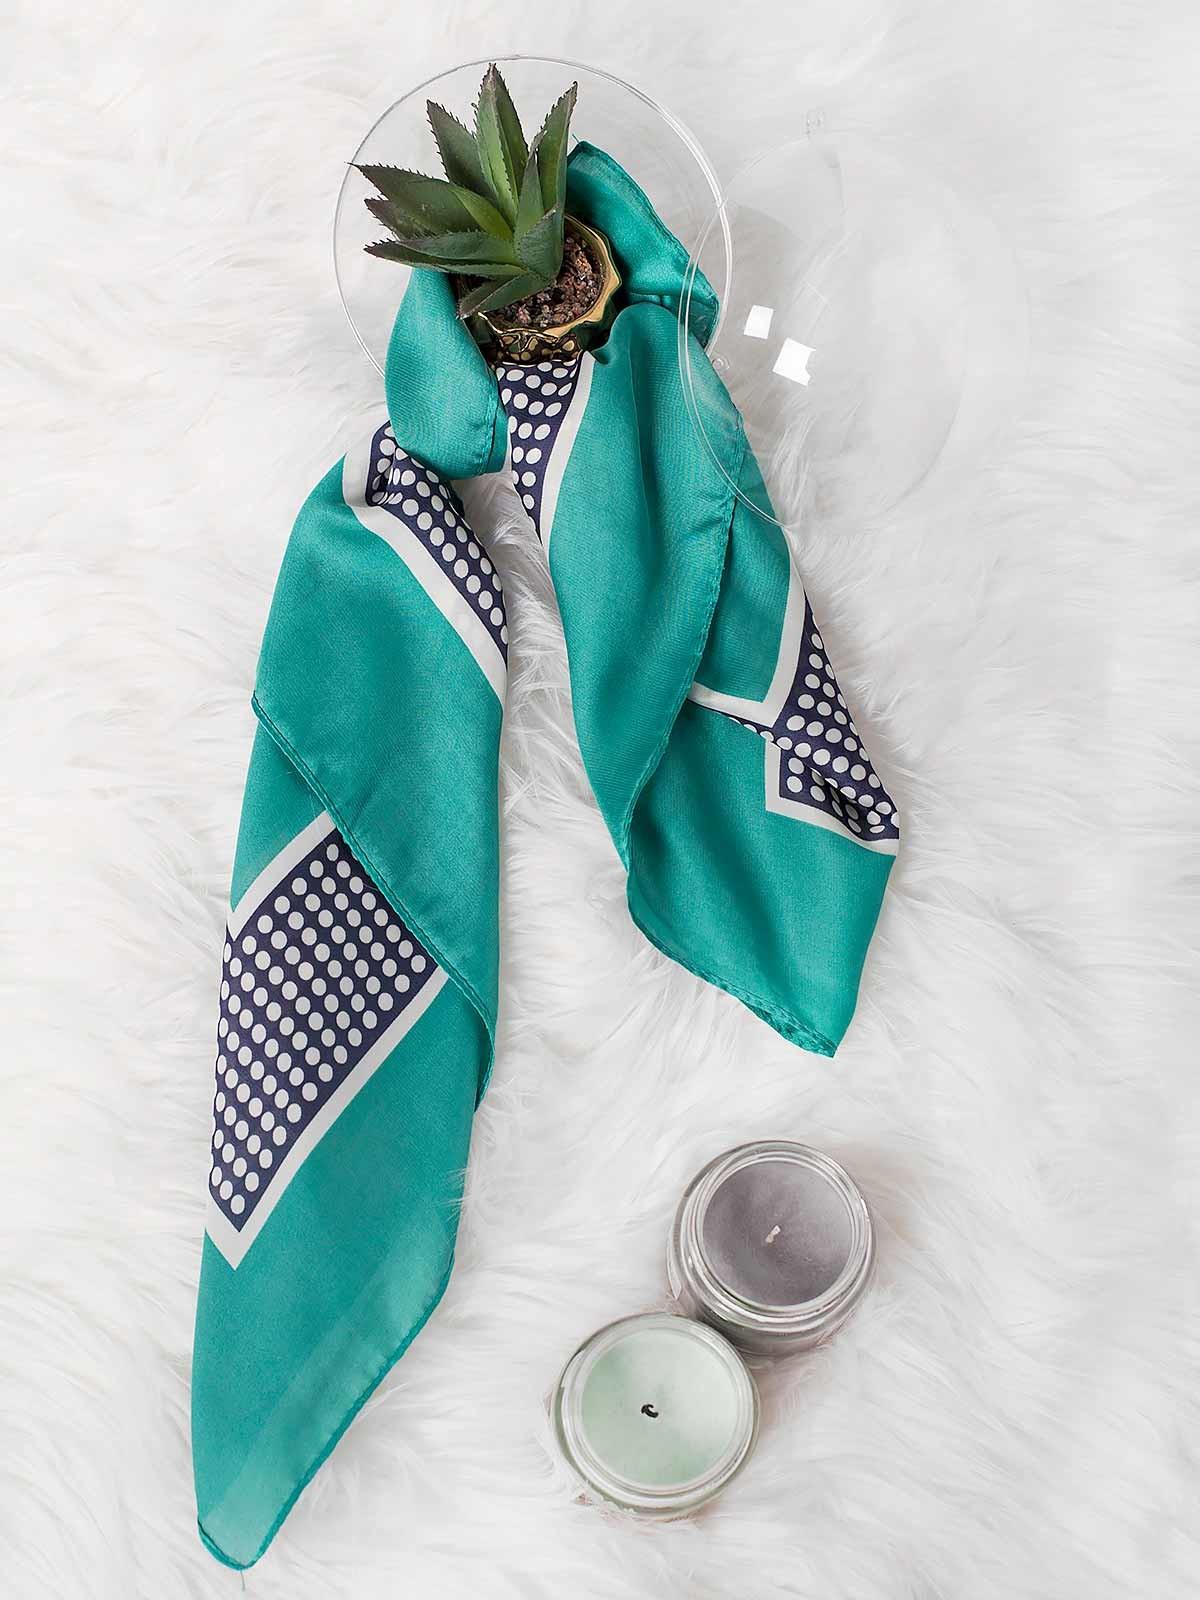 Bufanda pequeña estampada con bolas